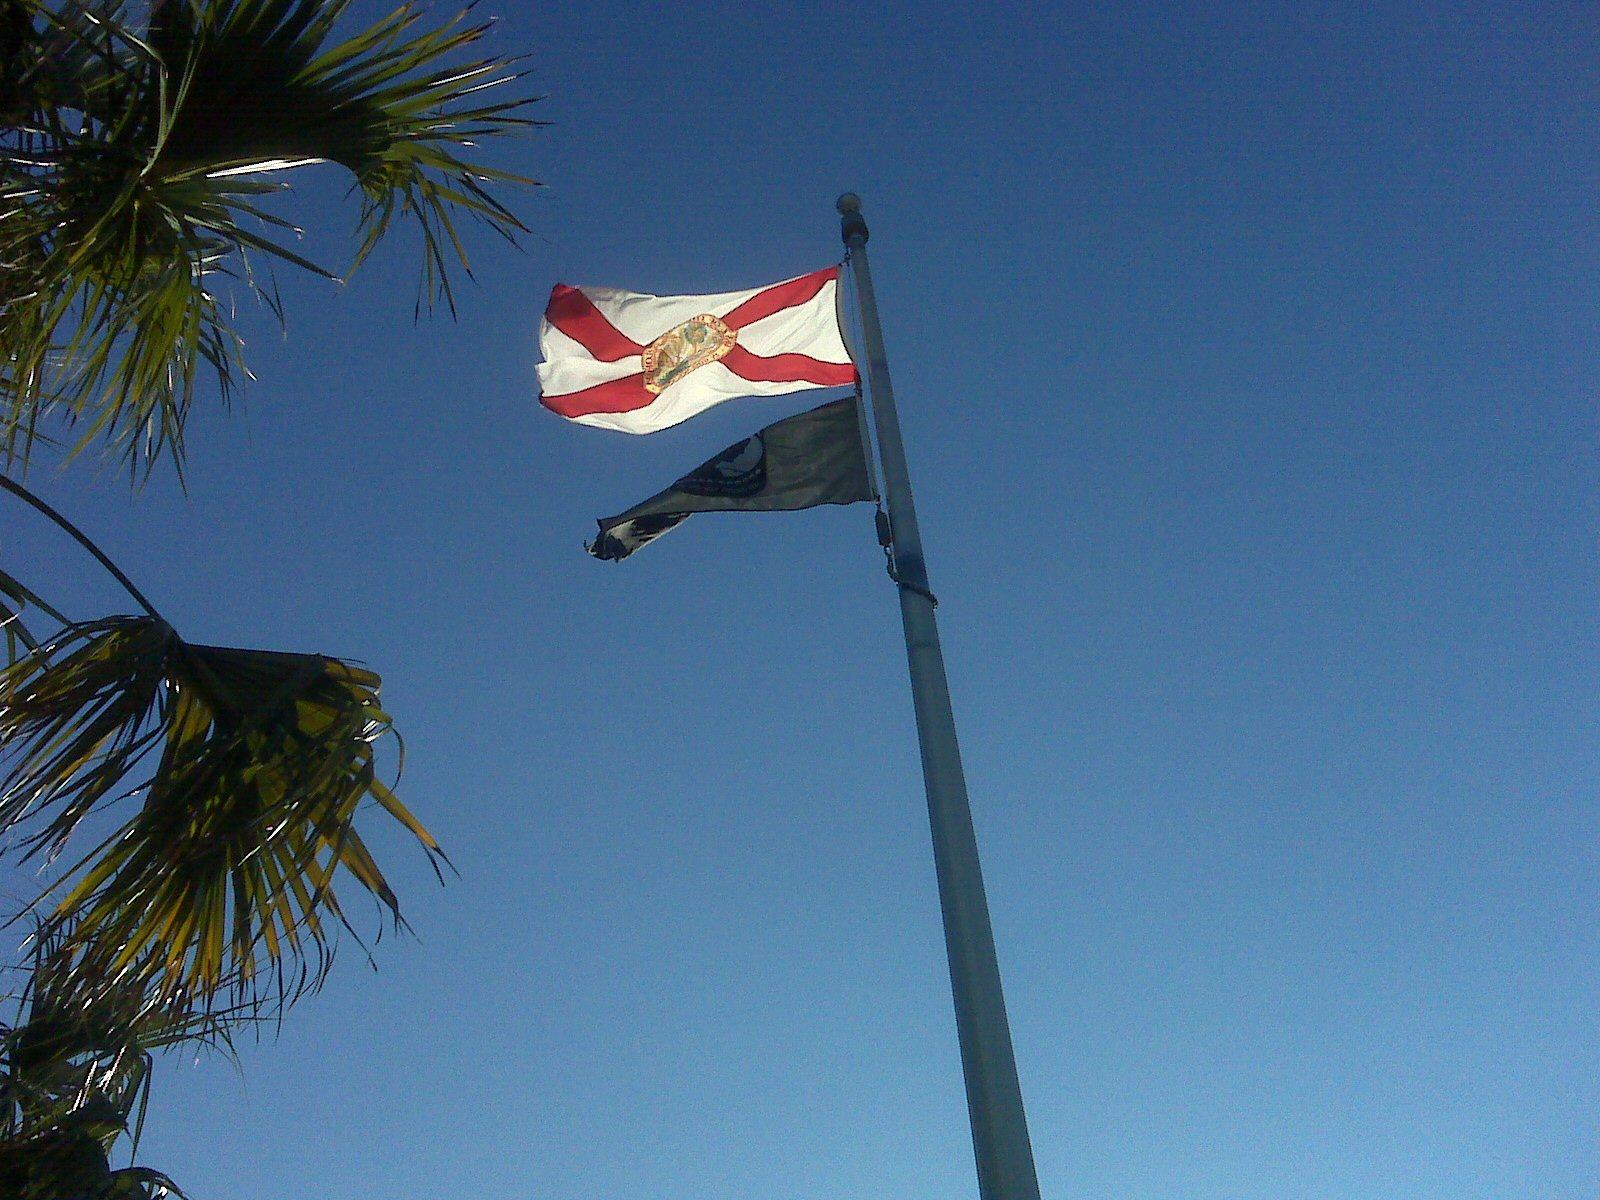 Florida and POW/MIA flag